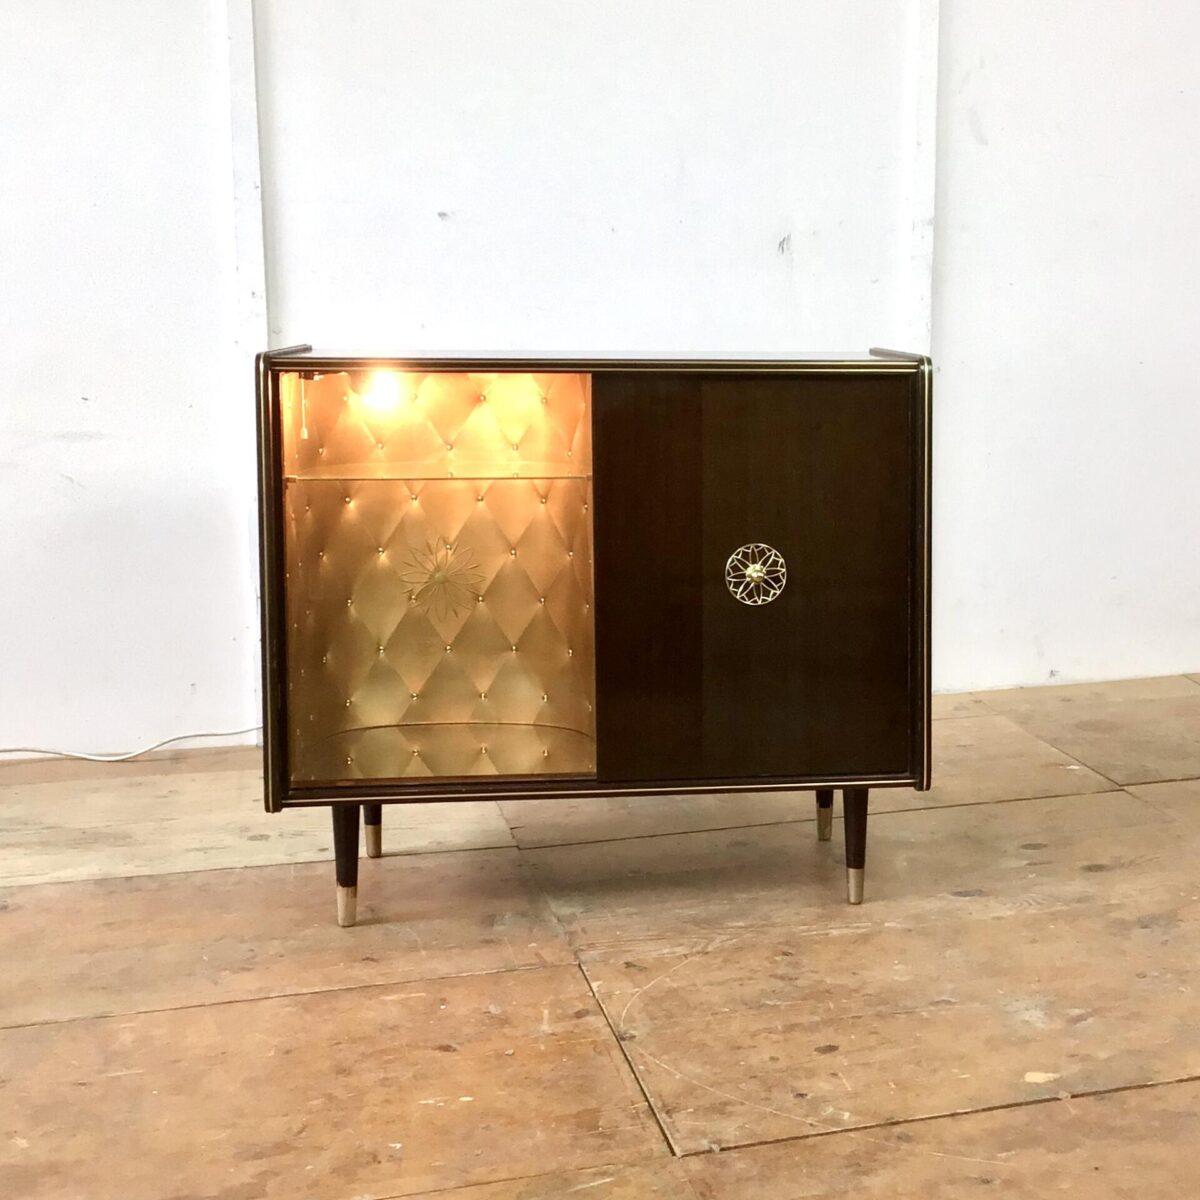 Vintage Sideboard 84.5cm mal 41cm Höhe 74cm. Hinter der Glas Schiebetür ist das Möbel mit goldigem Stoff ausgekleidet. Am Boden hat's ein Spiegel und von oben bringt eine kleine Lampe Licht in die Vitrine. Die rechte Hälfte der Kommode bietet etwas stau Raum mit einem Tablar. Der Messing Türgriff mit der Sonnen artigen Verzierung wiederholt sich bei der Glastüre, dort ist es ins hinterglas eingefräst. Oben auf dem Sideboard hat's ein paar Kratzer im Lack. Bei Füssen ist die untere, goldige Farbe teilweise abgeblättert. Ansonsten in stabilem funktionalen Zustand.